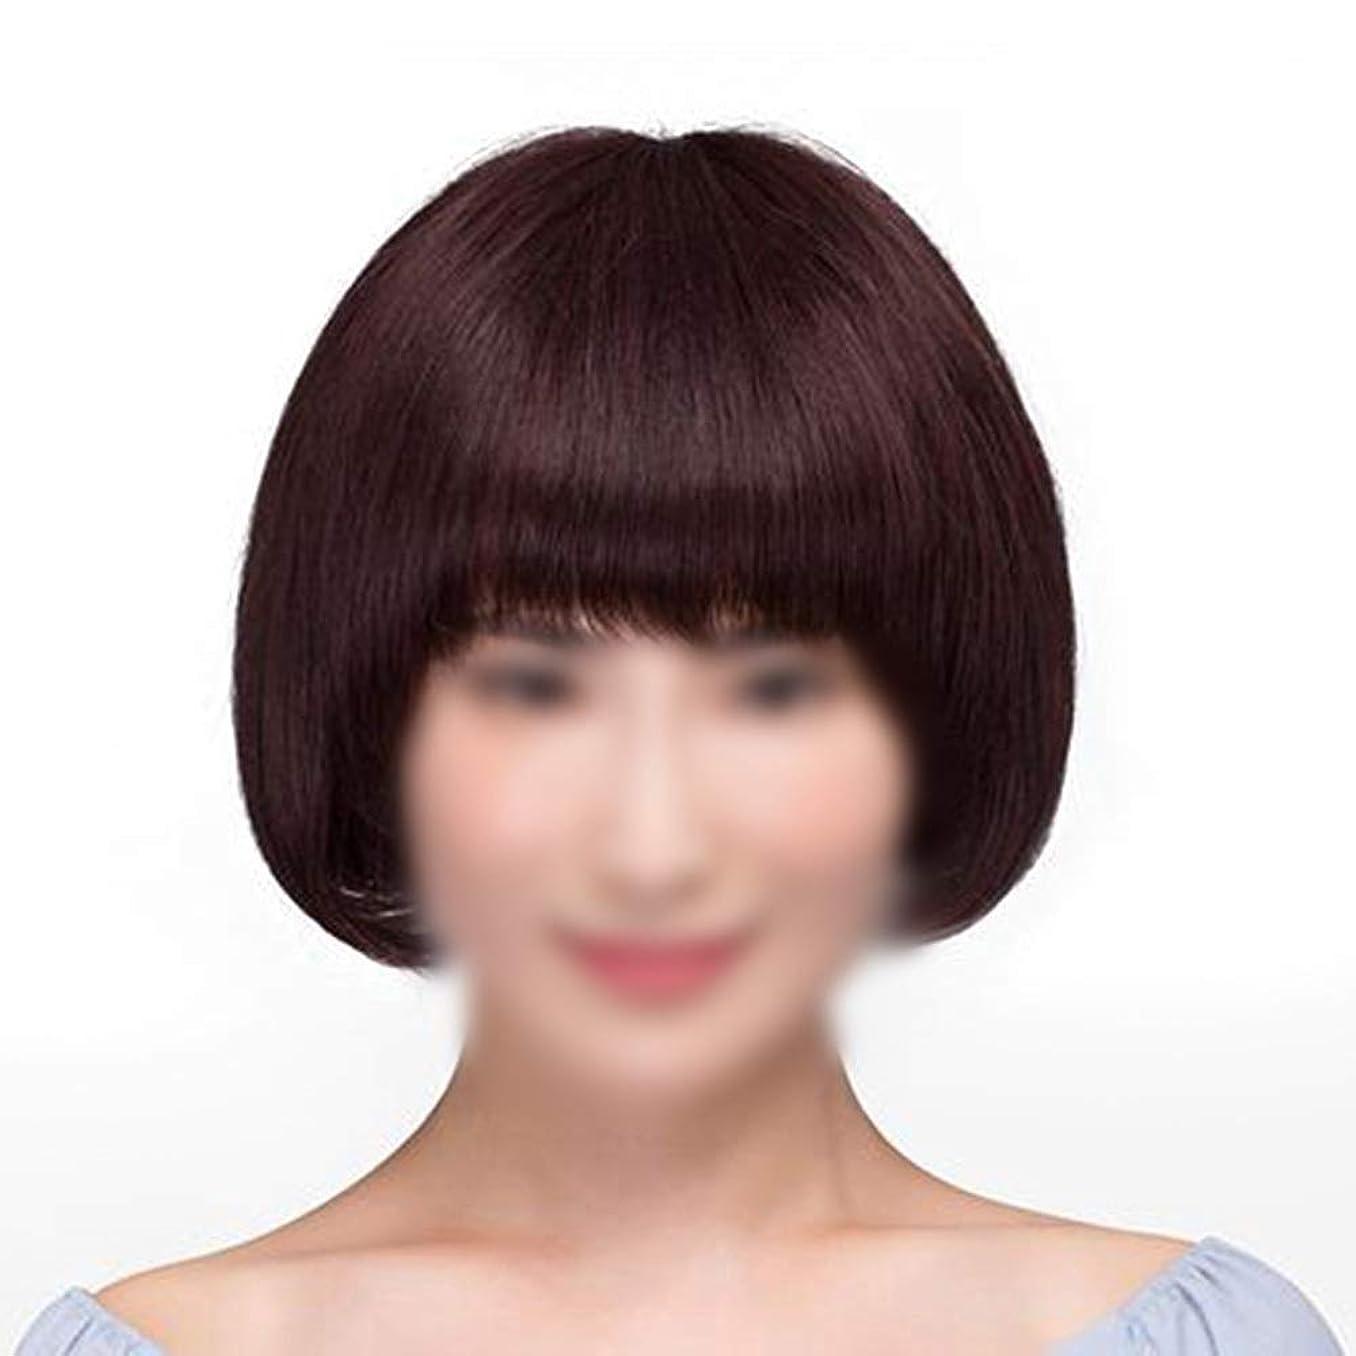 ティッシュ音節偏心YESONEEP 女性のストレートショートボブ耐熱合成天然ブラウンカラーフルヘアかつらと前髪ショートレッドウィッグ (色 : Dark brown)